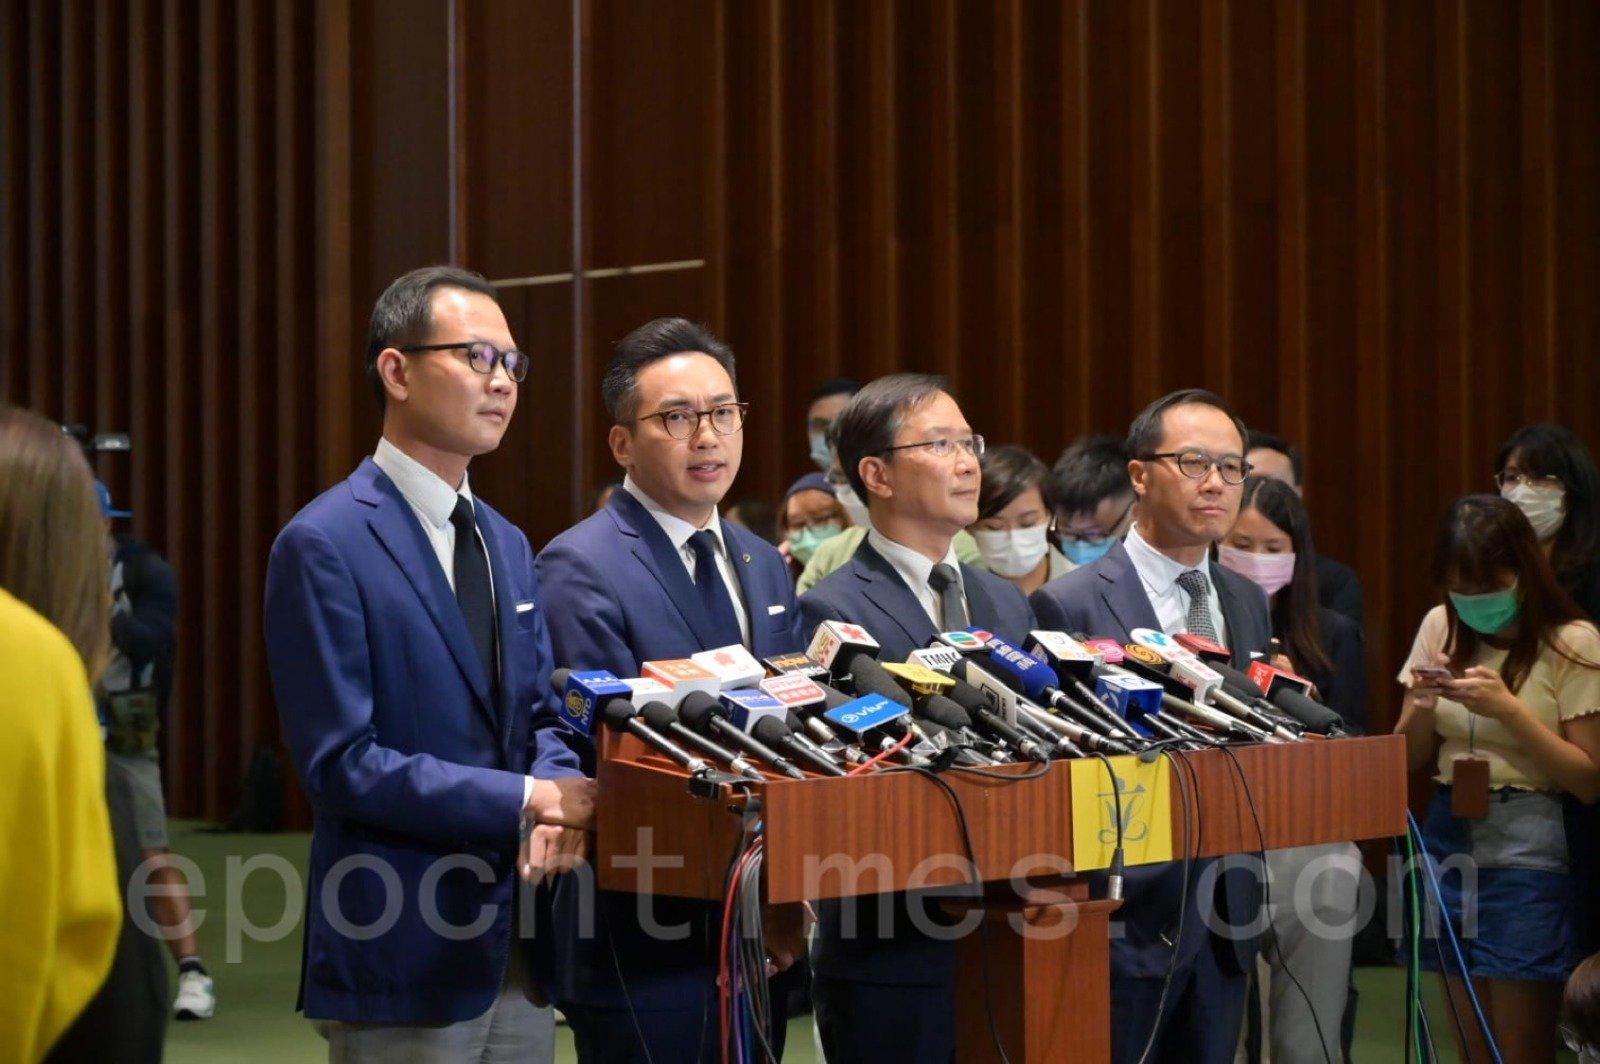 11月11日,港府在宣佈取消4名民主派議員資格。(郭威利/大紀元)